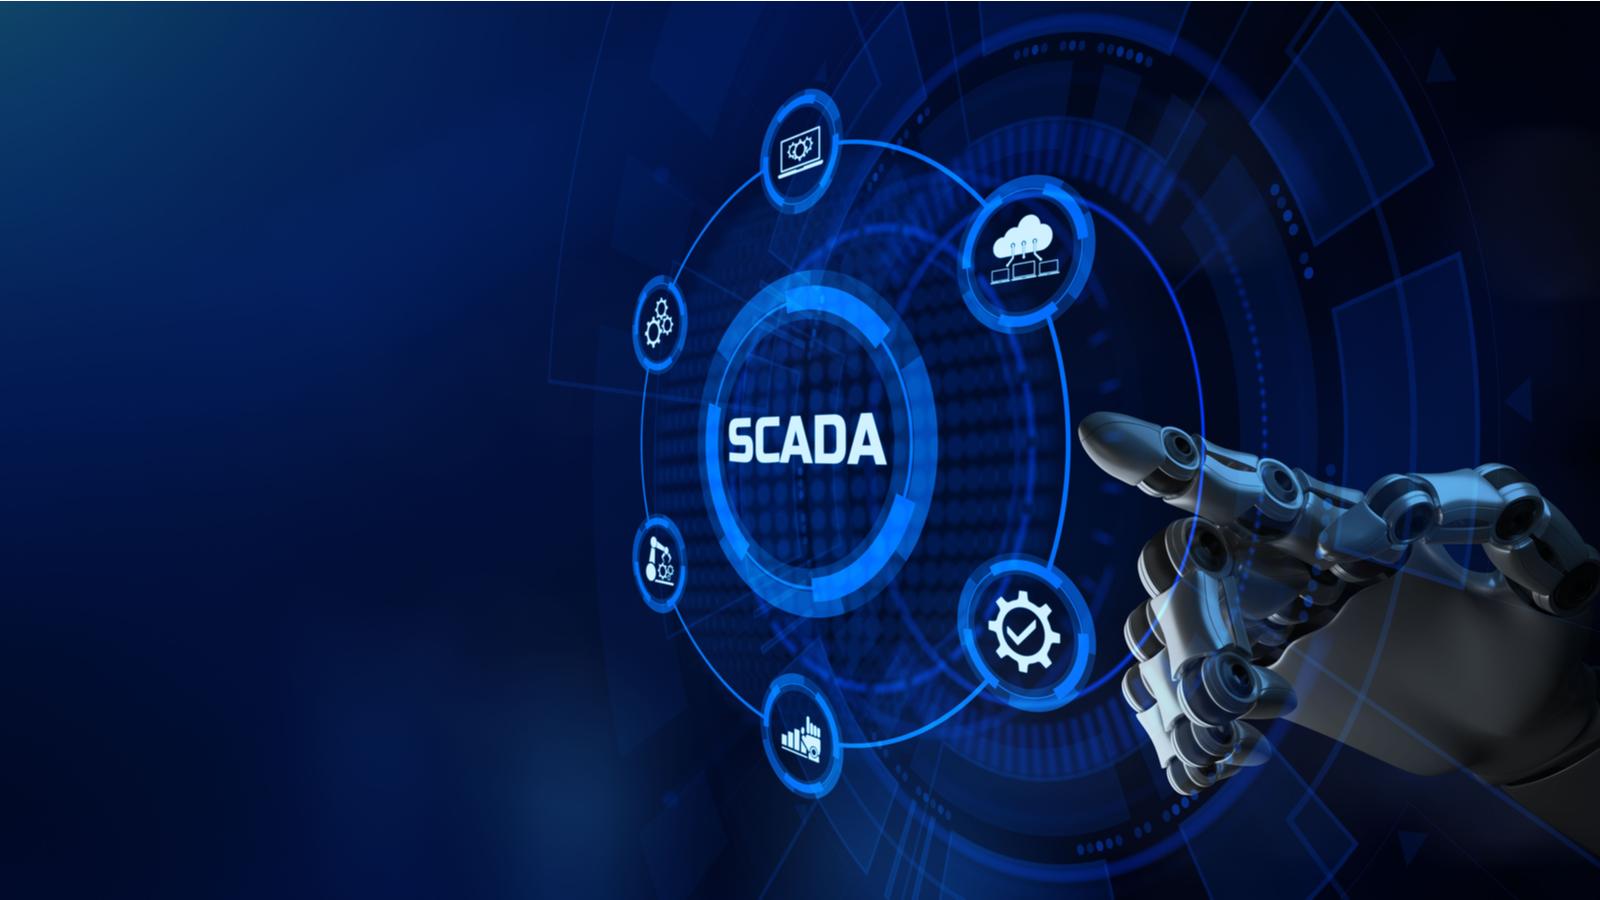 ANSI / ISA 18.2 Gestione degli allarmi – Alcune considerazioni ed utilizzo di Dream Report con applicazioni SCADA